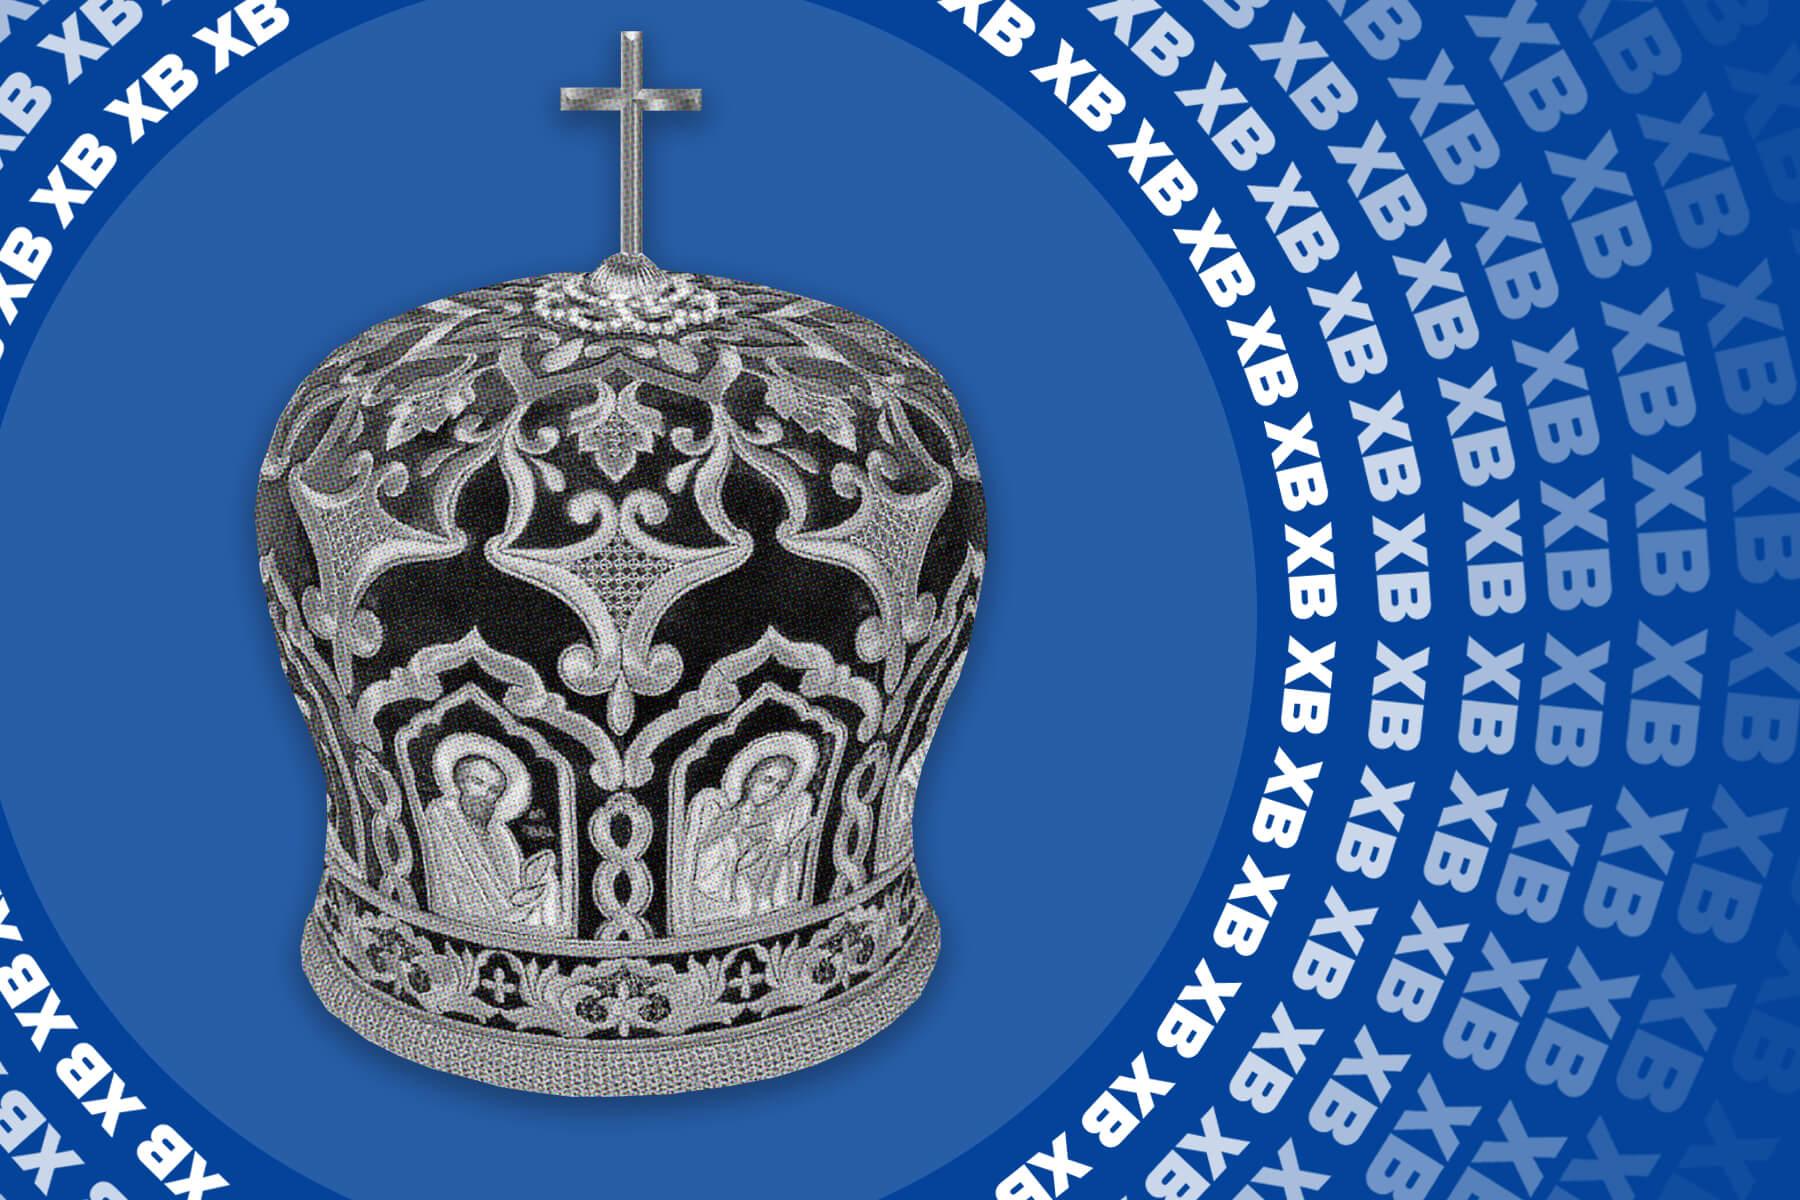 Великдень і місто. Частина друга: як віряни готуються до Великодня в українських містах?